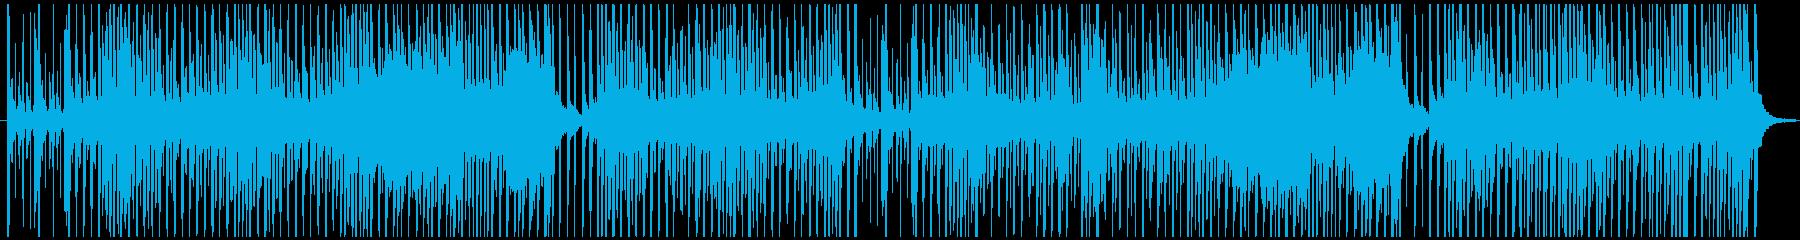 ほのぼのした可愛らしいカントリー調BGMの再生済みの波形